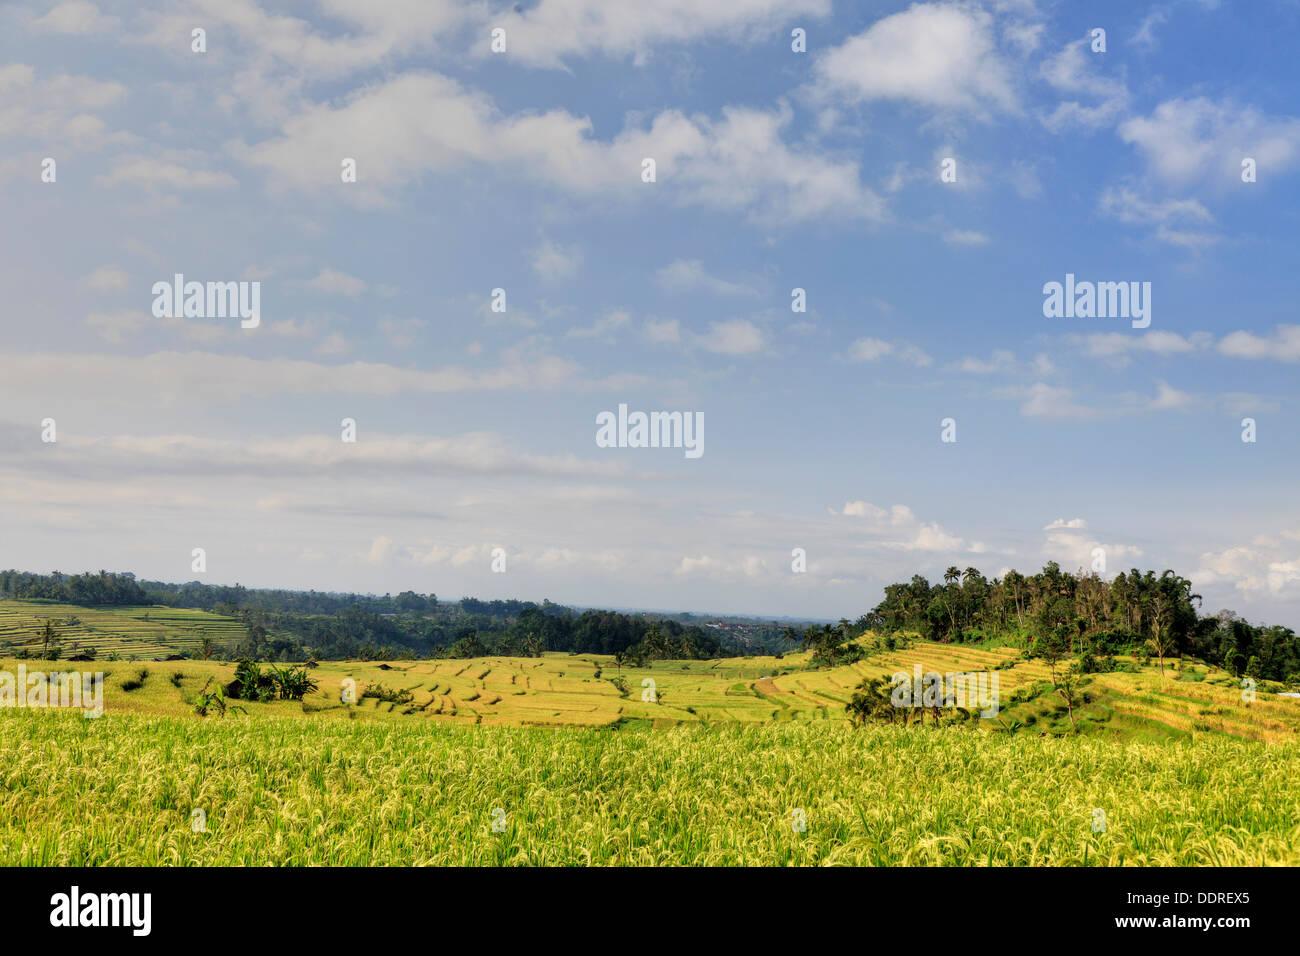 Indonesia Bali Jatiluwih Rice Terraces dawn - Stock Image